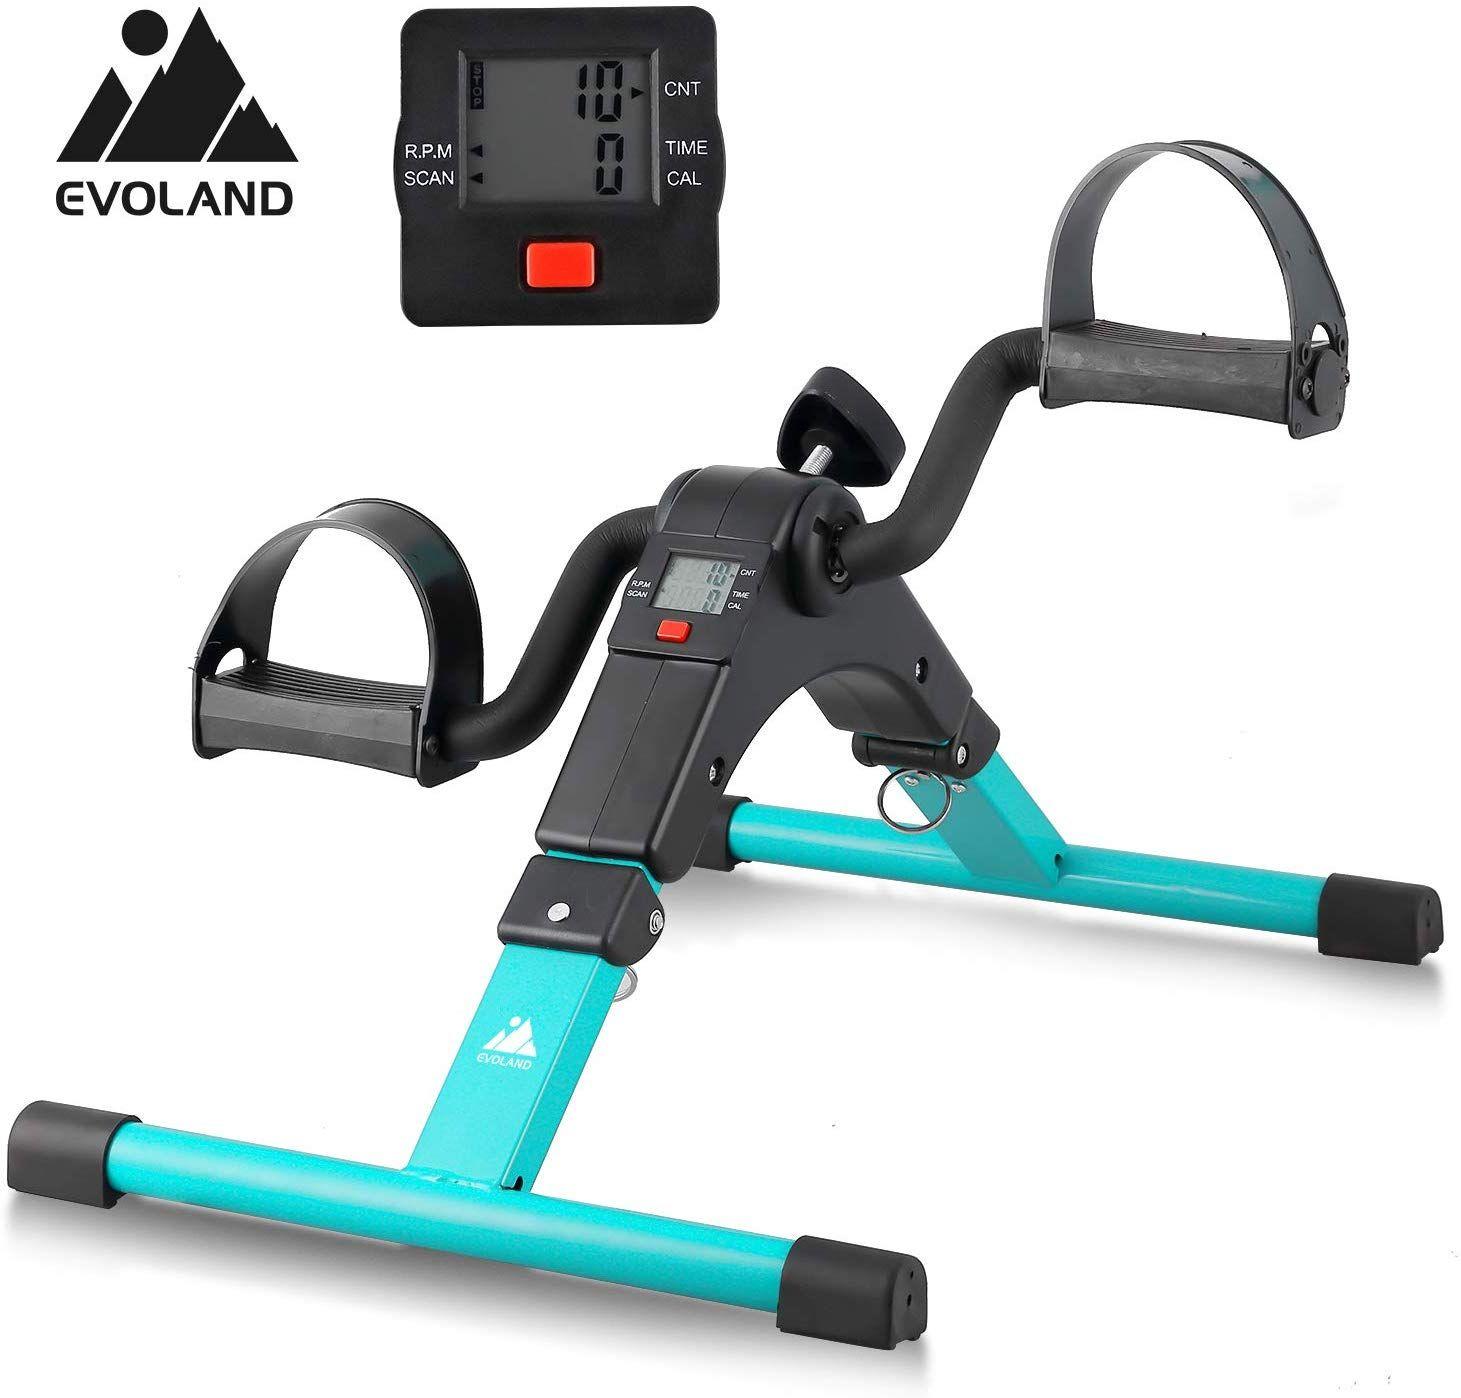 Epingle Par Ma Boutique Sur Appareils Fitness Musculation Velo D Appartement Appareil Fitness Et Mini Velo